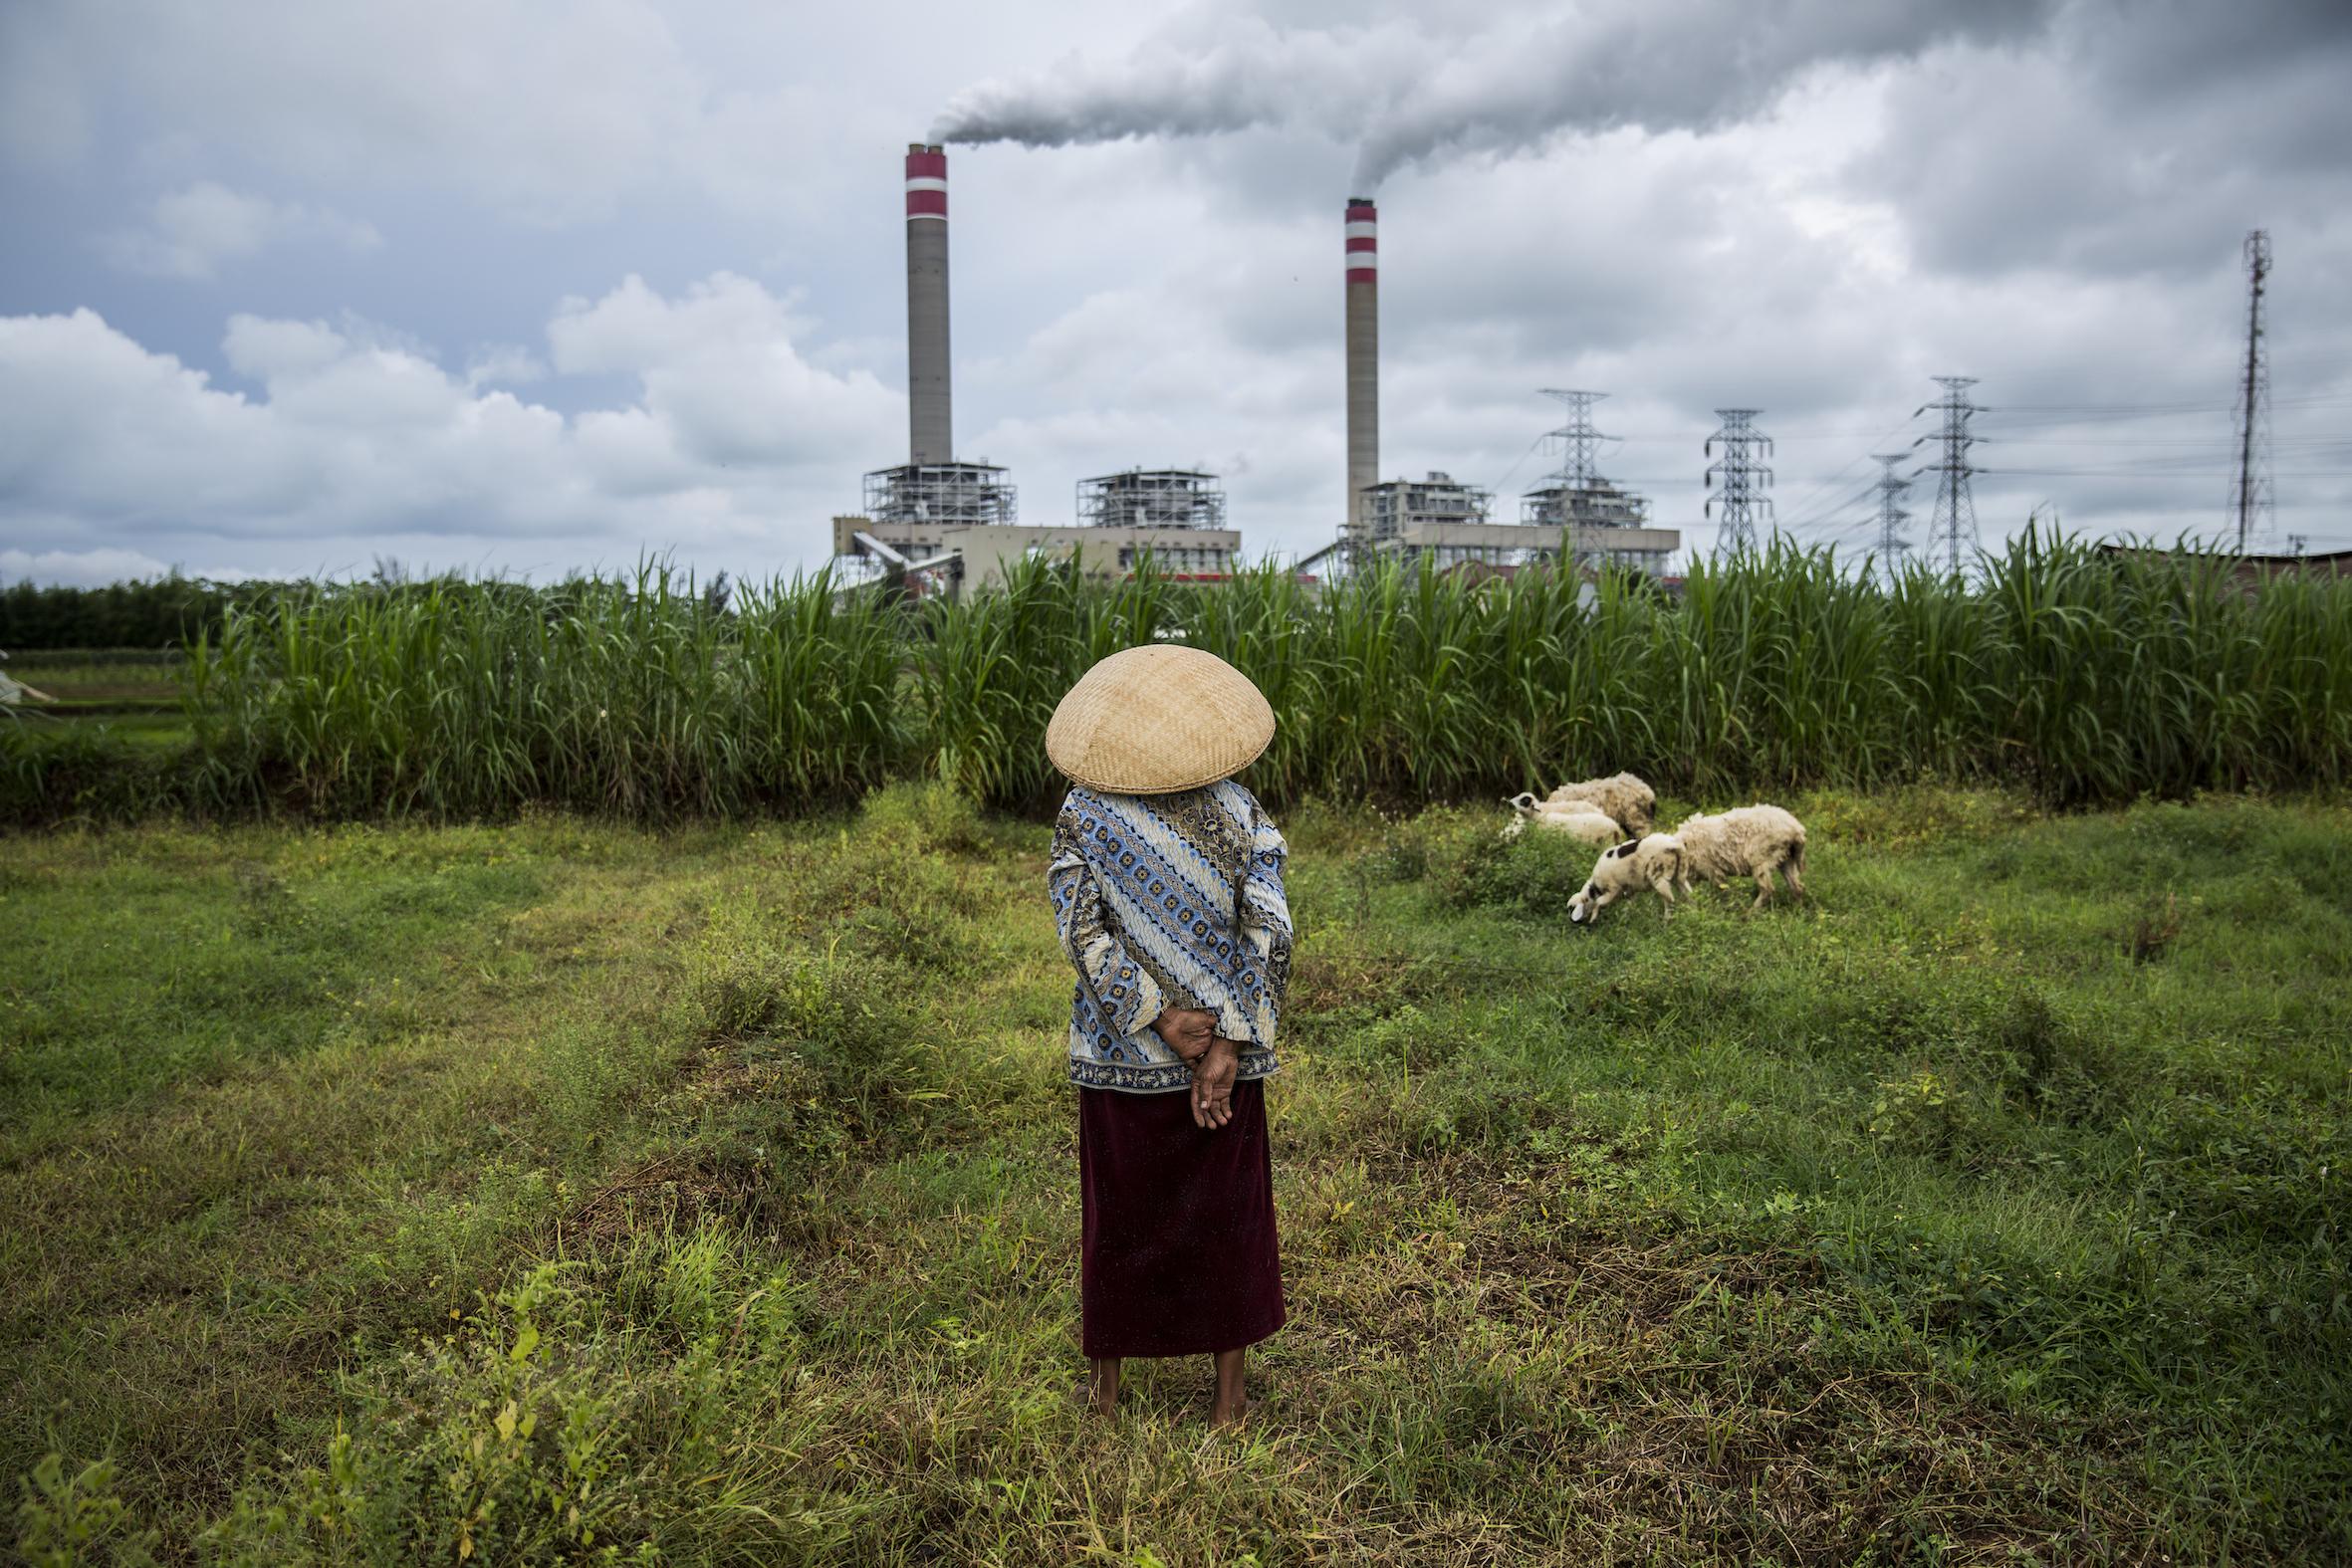 """Schaf trifft Schlot: Jufris Serie """"Fragile Bond"""" fragt sich, wie Indonesier mit der Natur umgehen."""